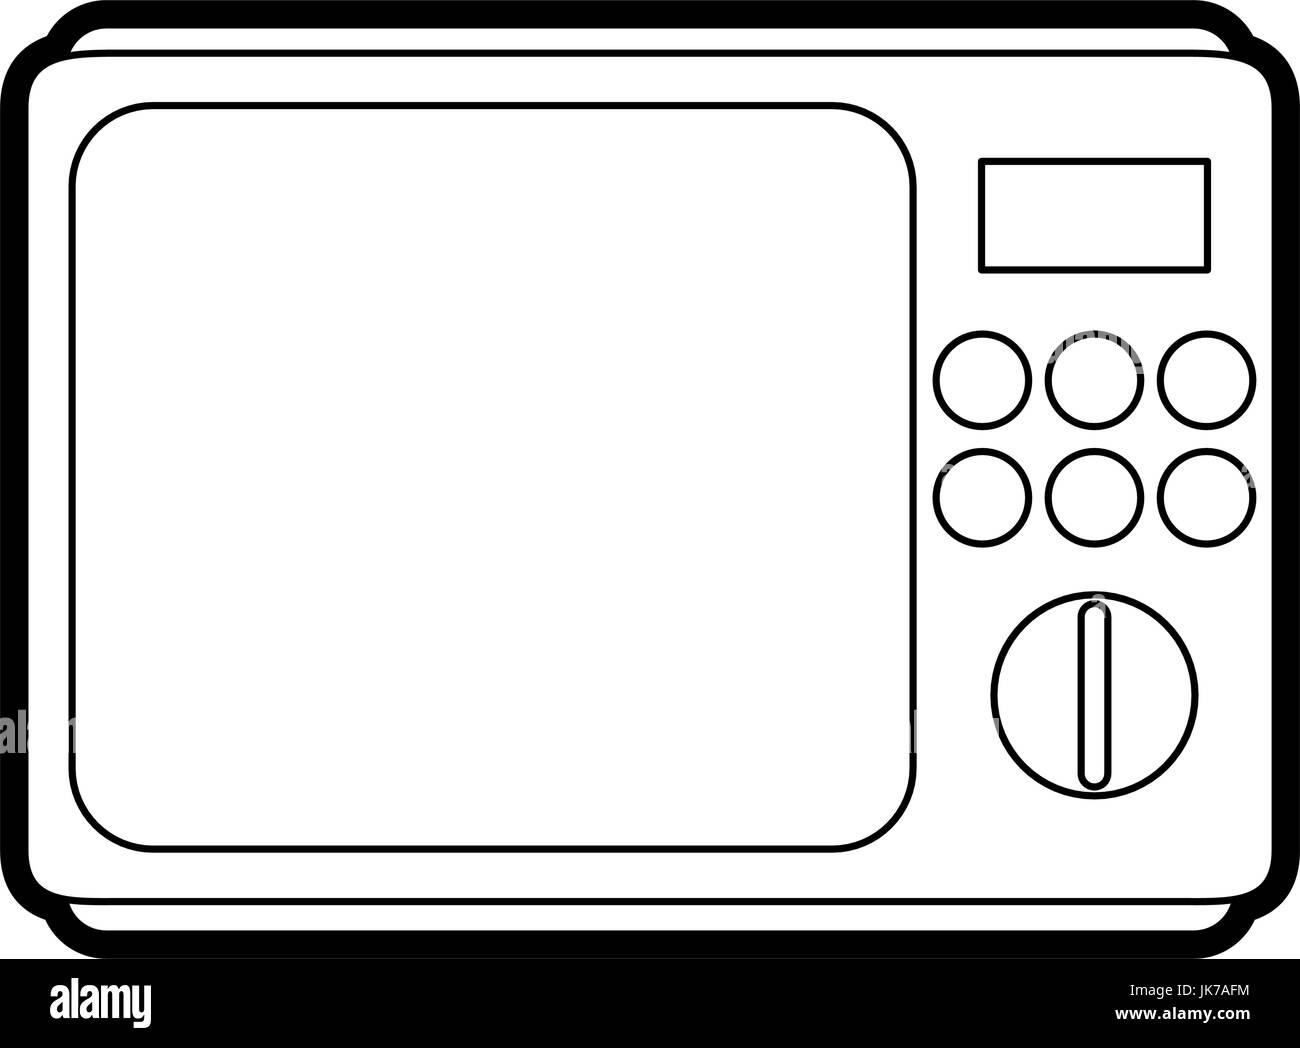 Ziemlich Elektrische Hausverkabelungssymbole Bilder - Schaltplan ...